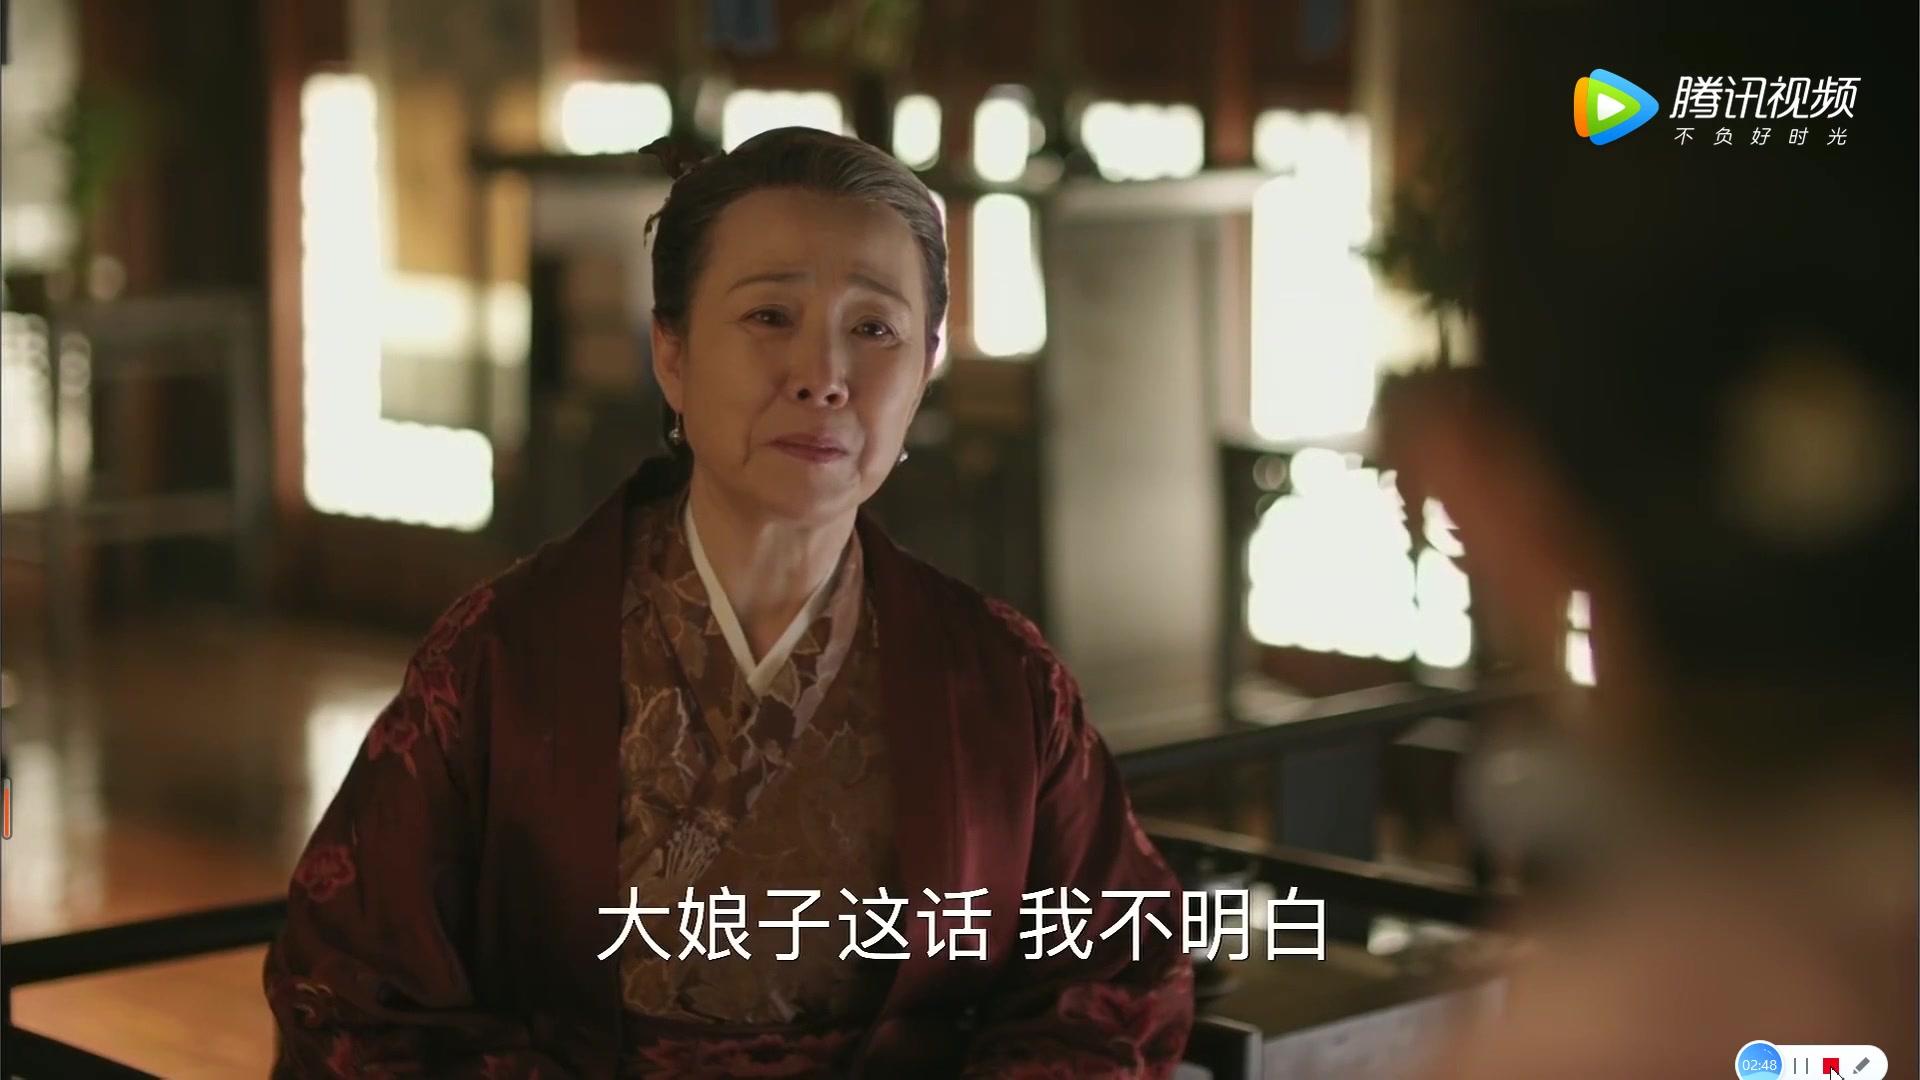 王五媳婦領悟明蘭意思 嘴炮賴媽媽 小可愛蓉姐去看吵架_嗶哩嗶哩 (゜-゜)つロ 干杯~-bilibili